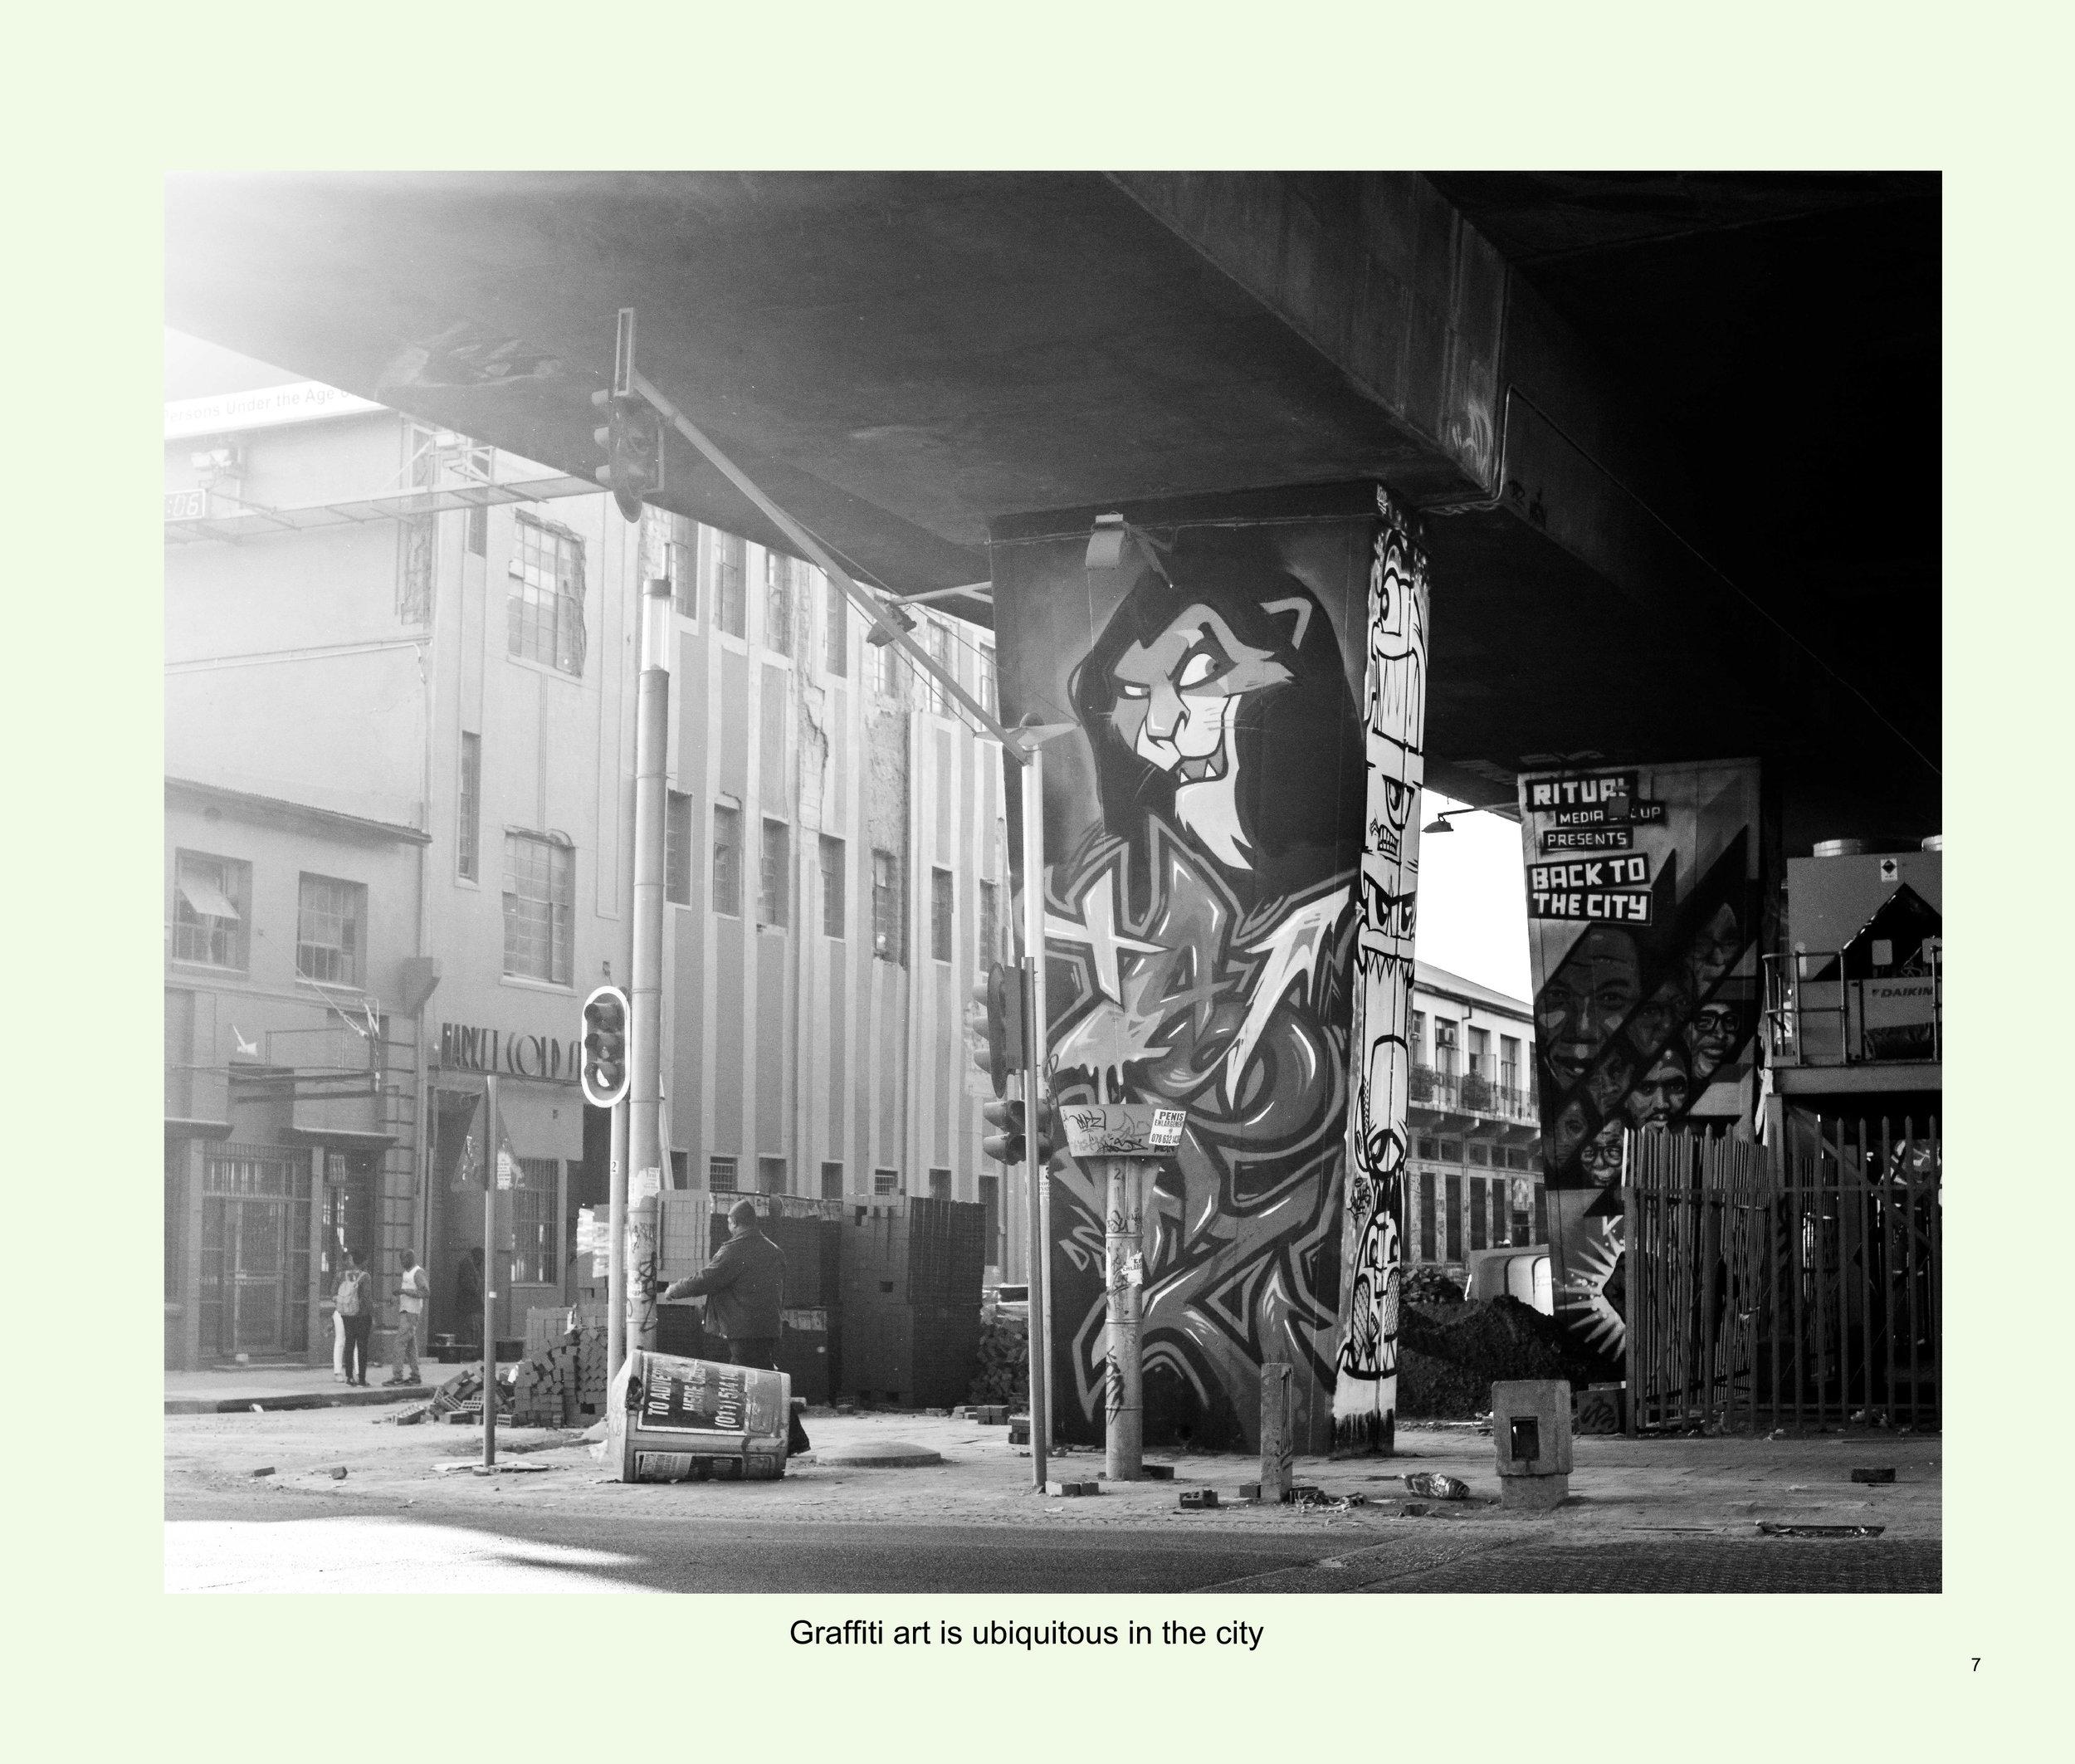 ImagesASouthernAfricaRoadTrip-9.jpg